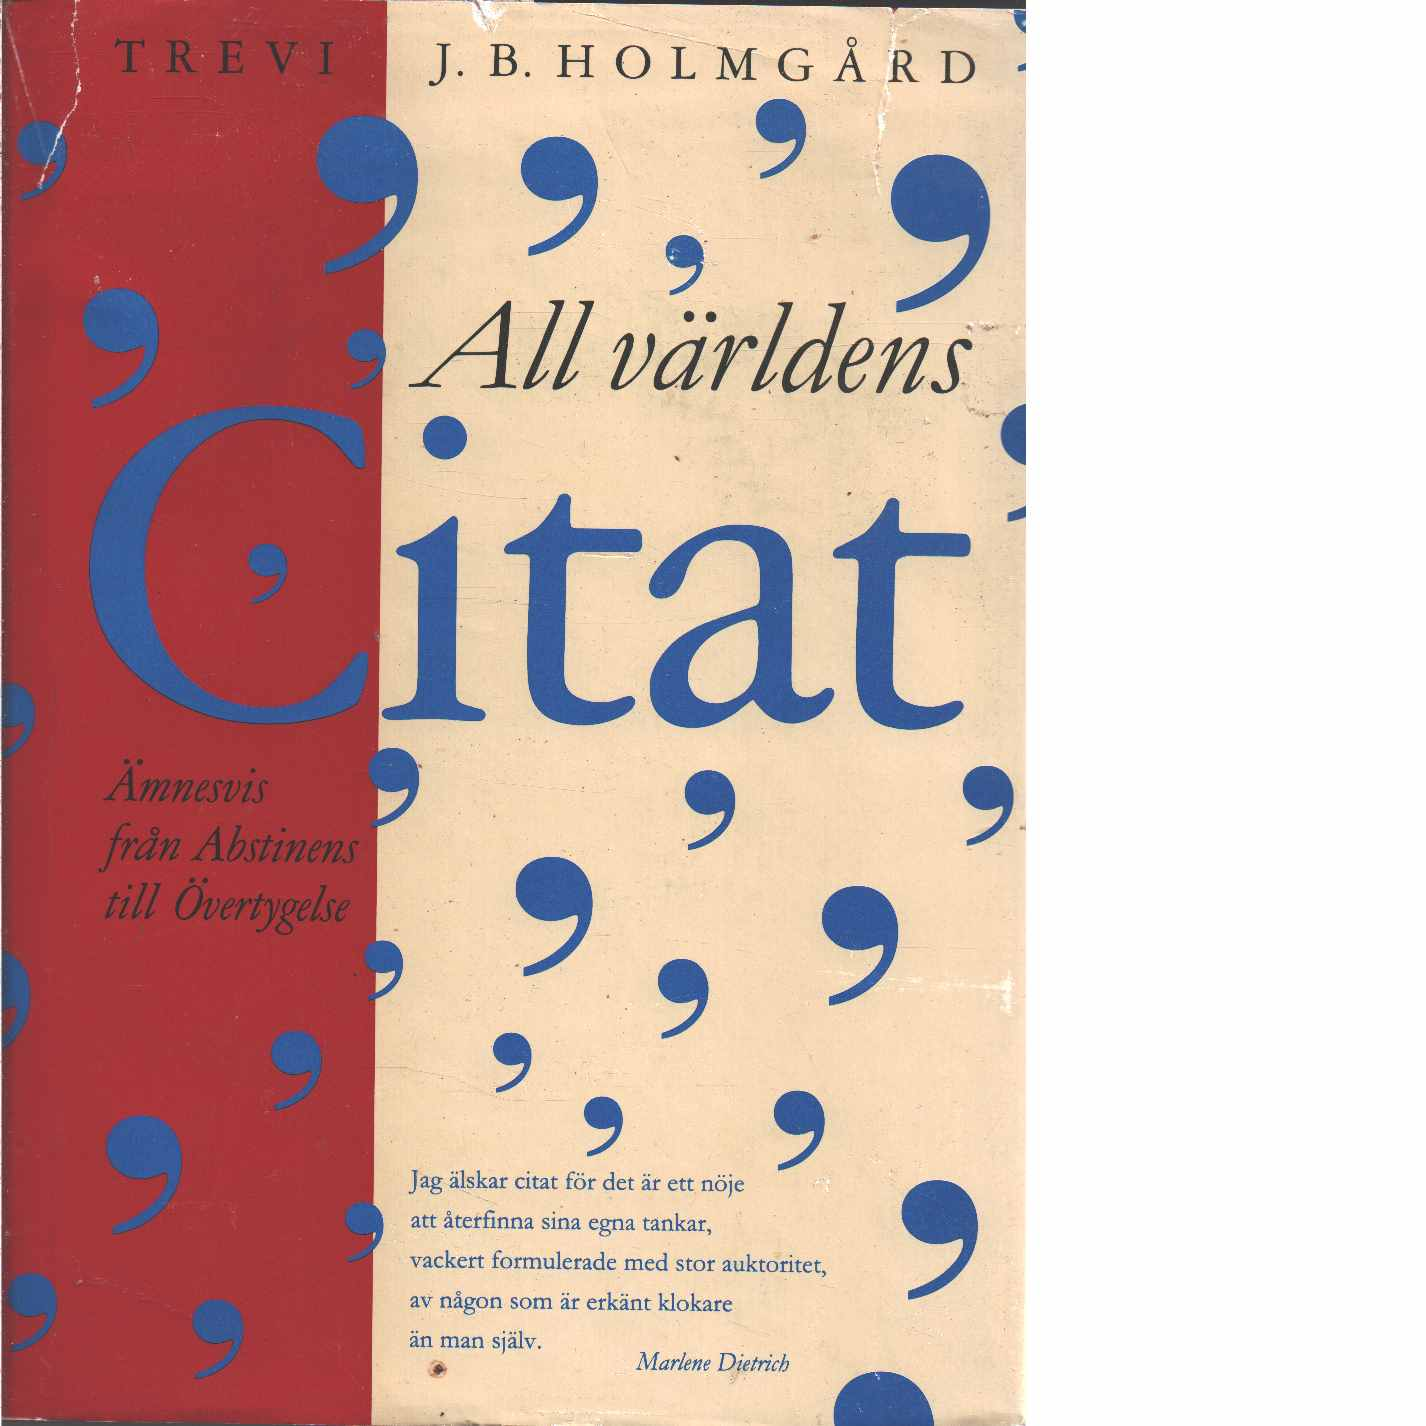 All världens citat - Red. Holmgård, J. B